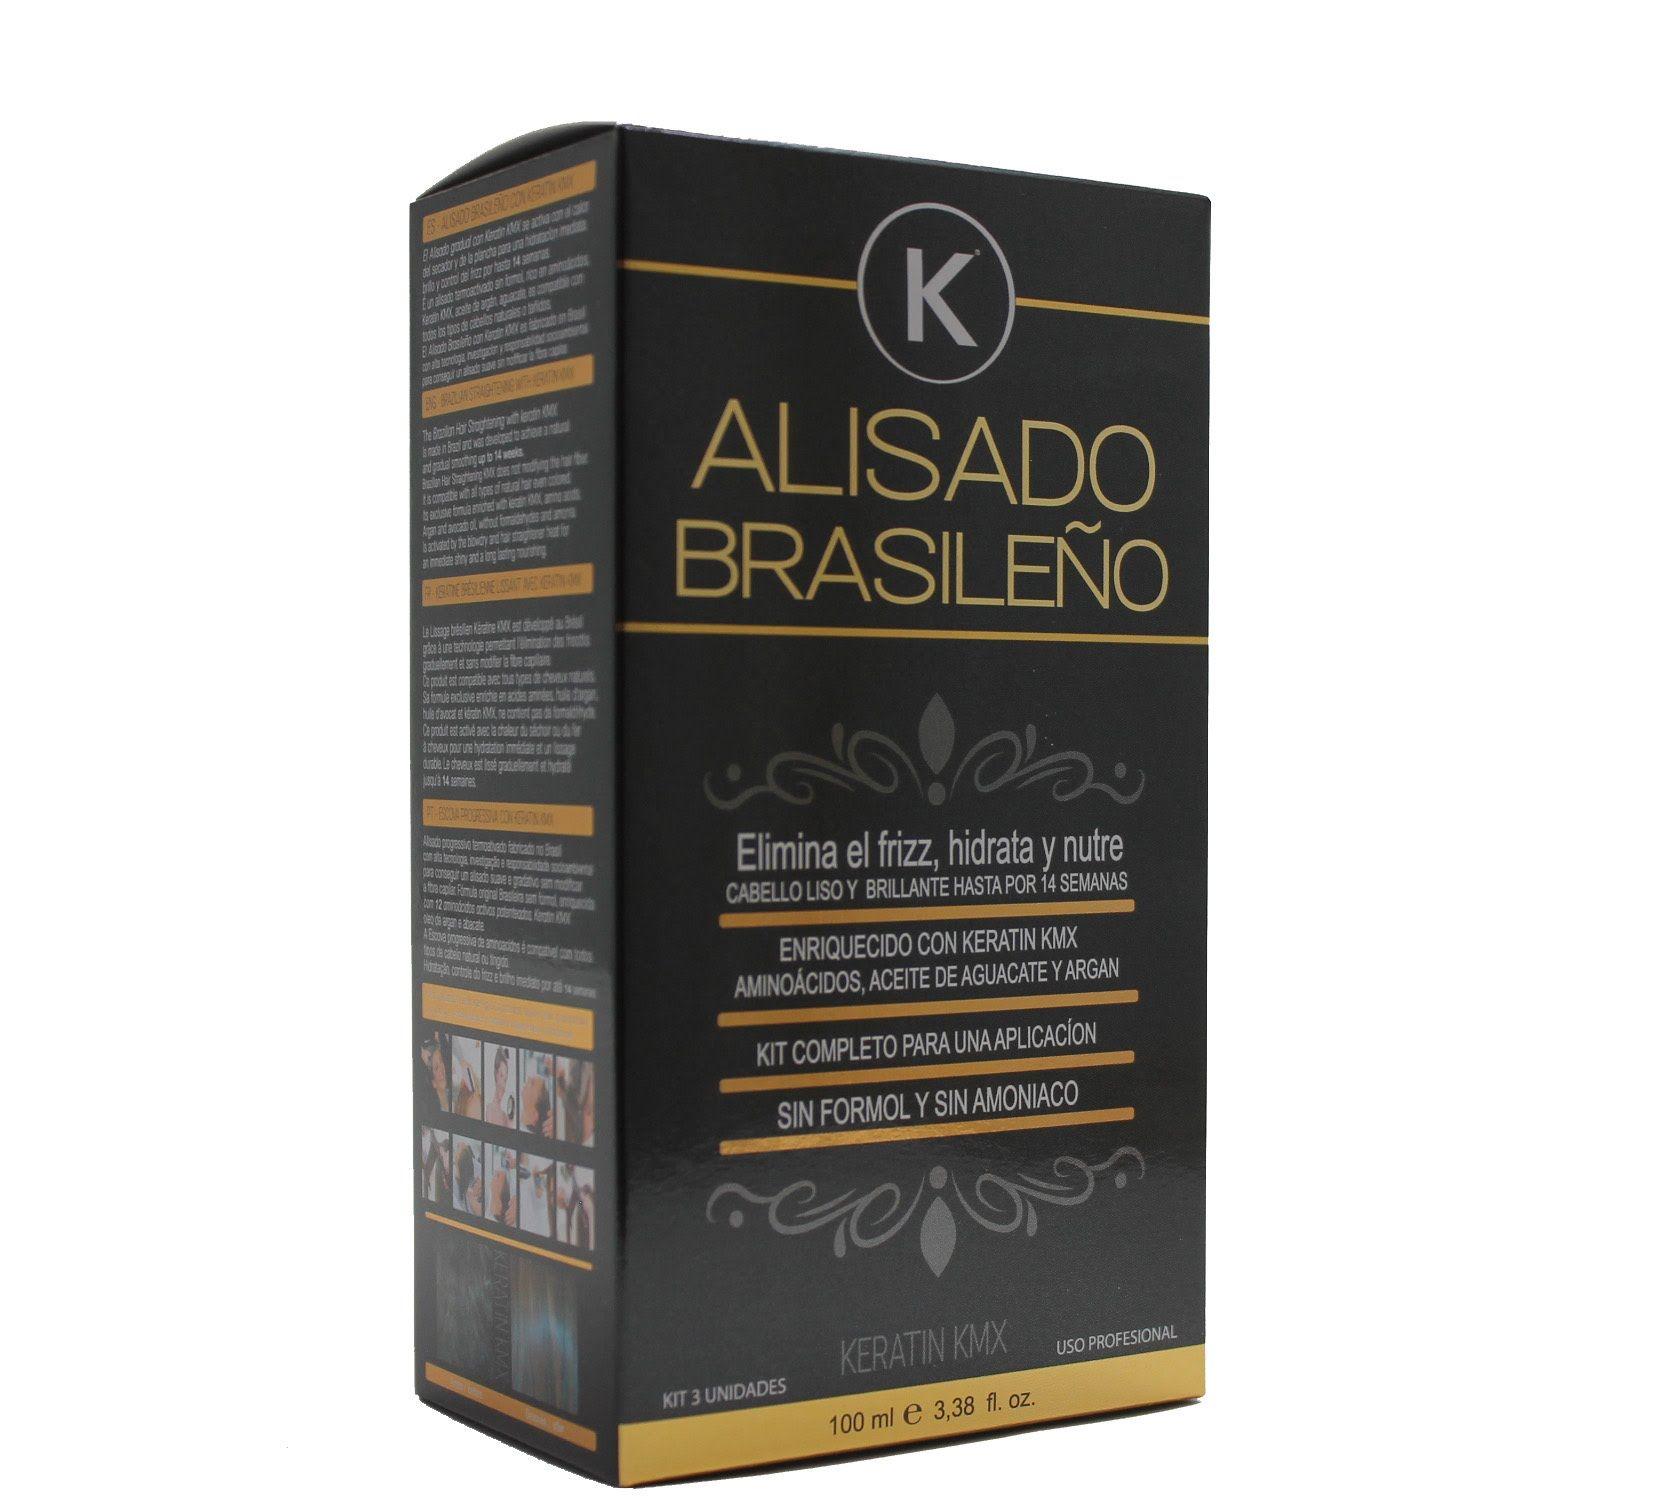 Kit Alisado Brasileno K Alisado De Cabello Alisado